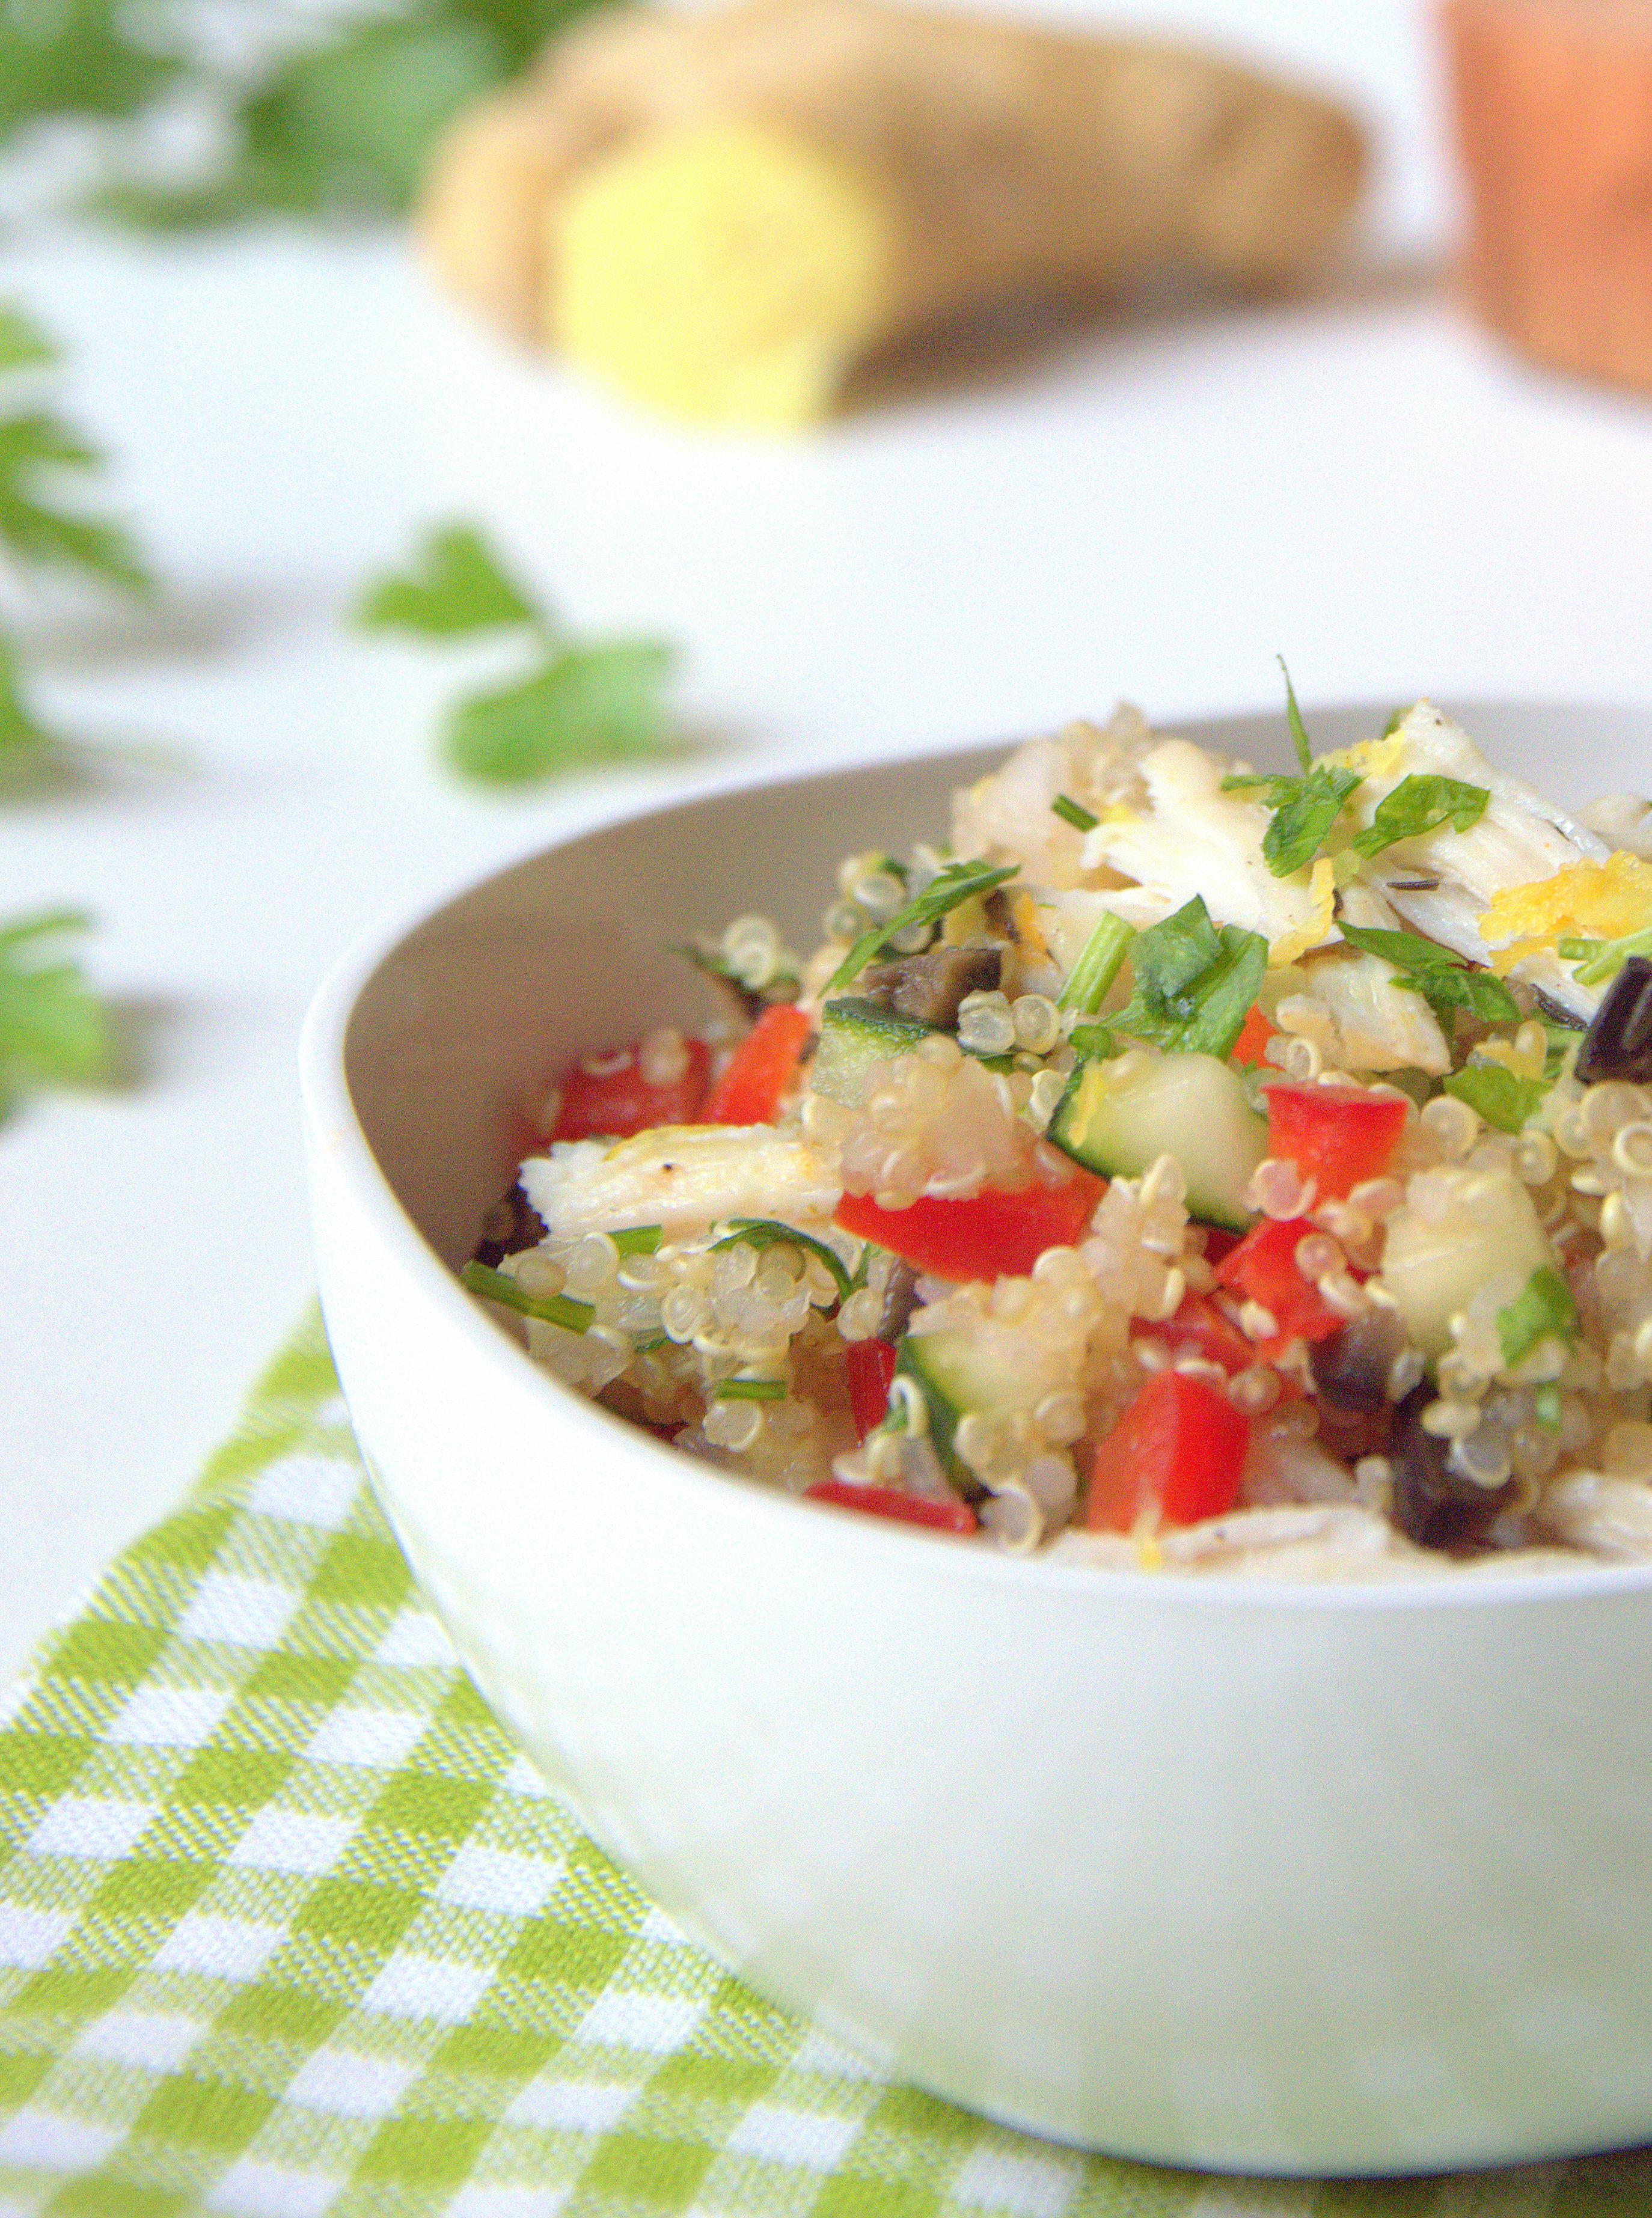 Ensalada fresca de quinoa y pollo | La Cuchara Azul